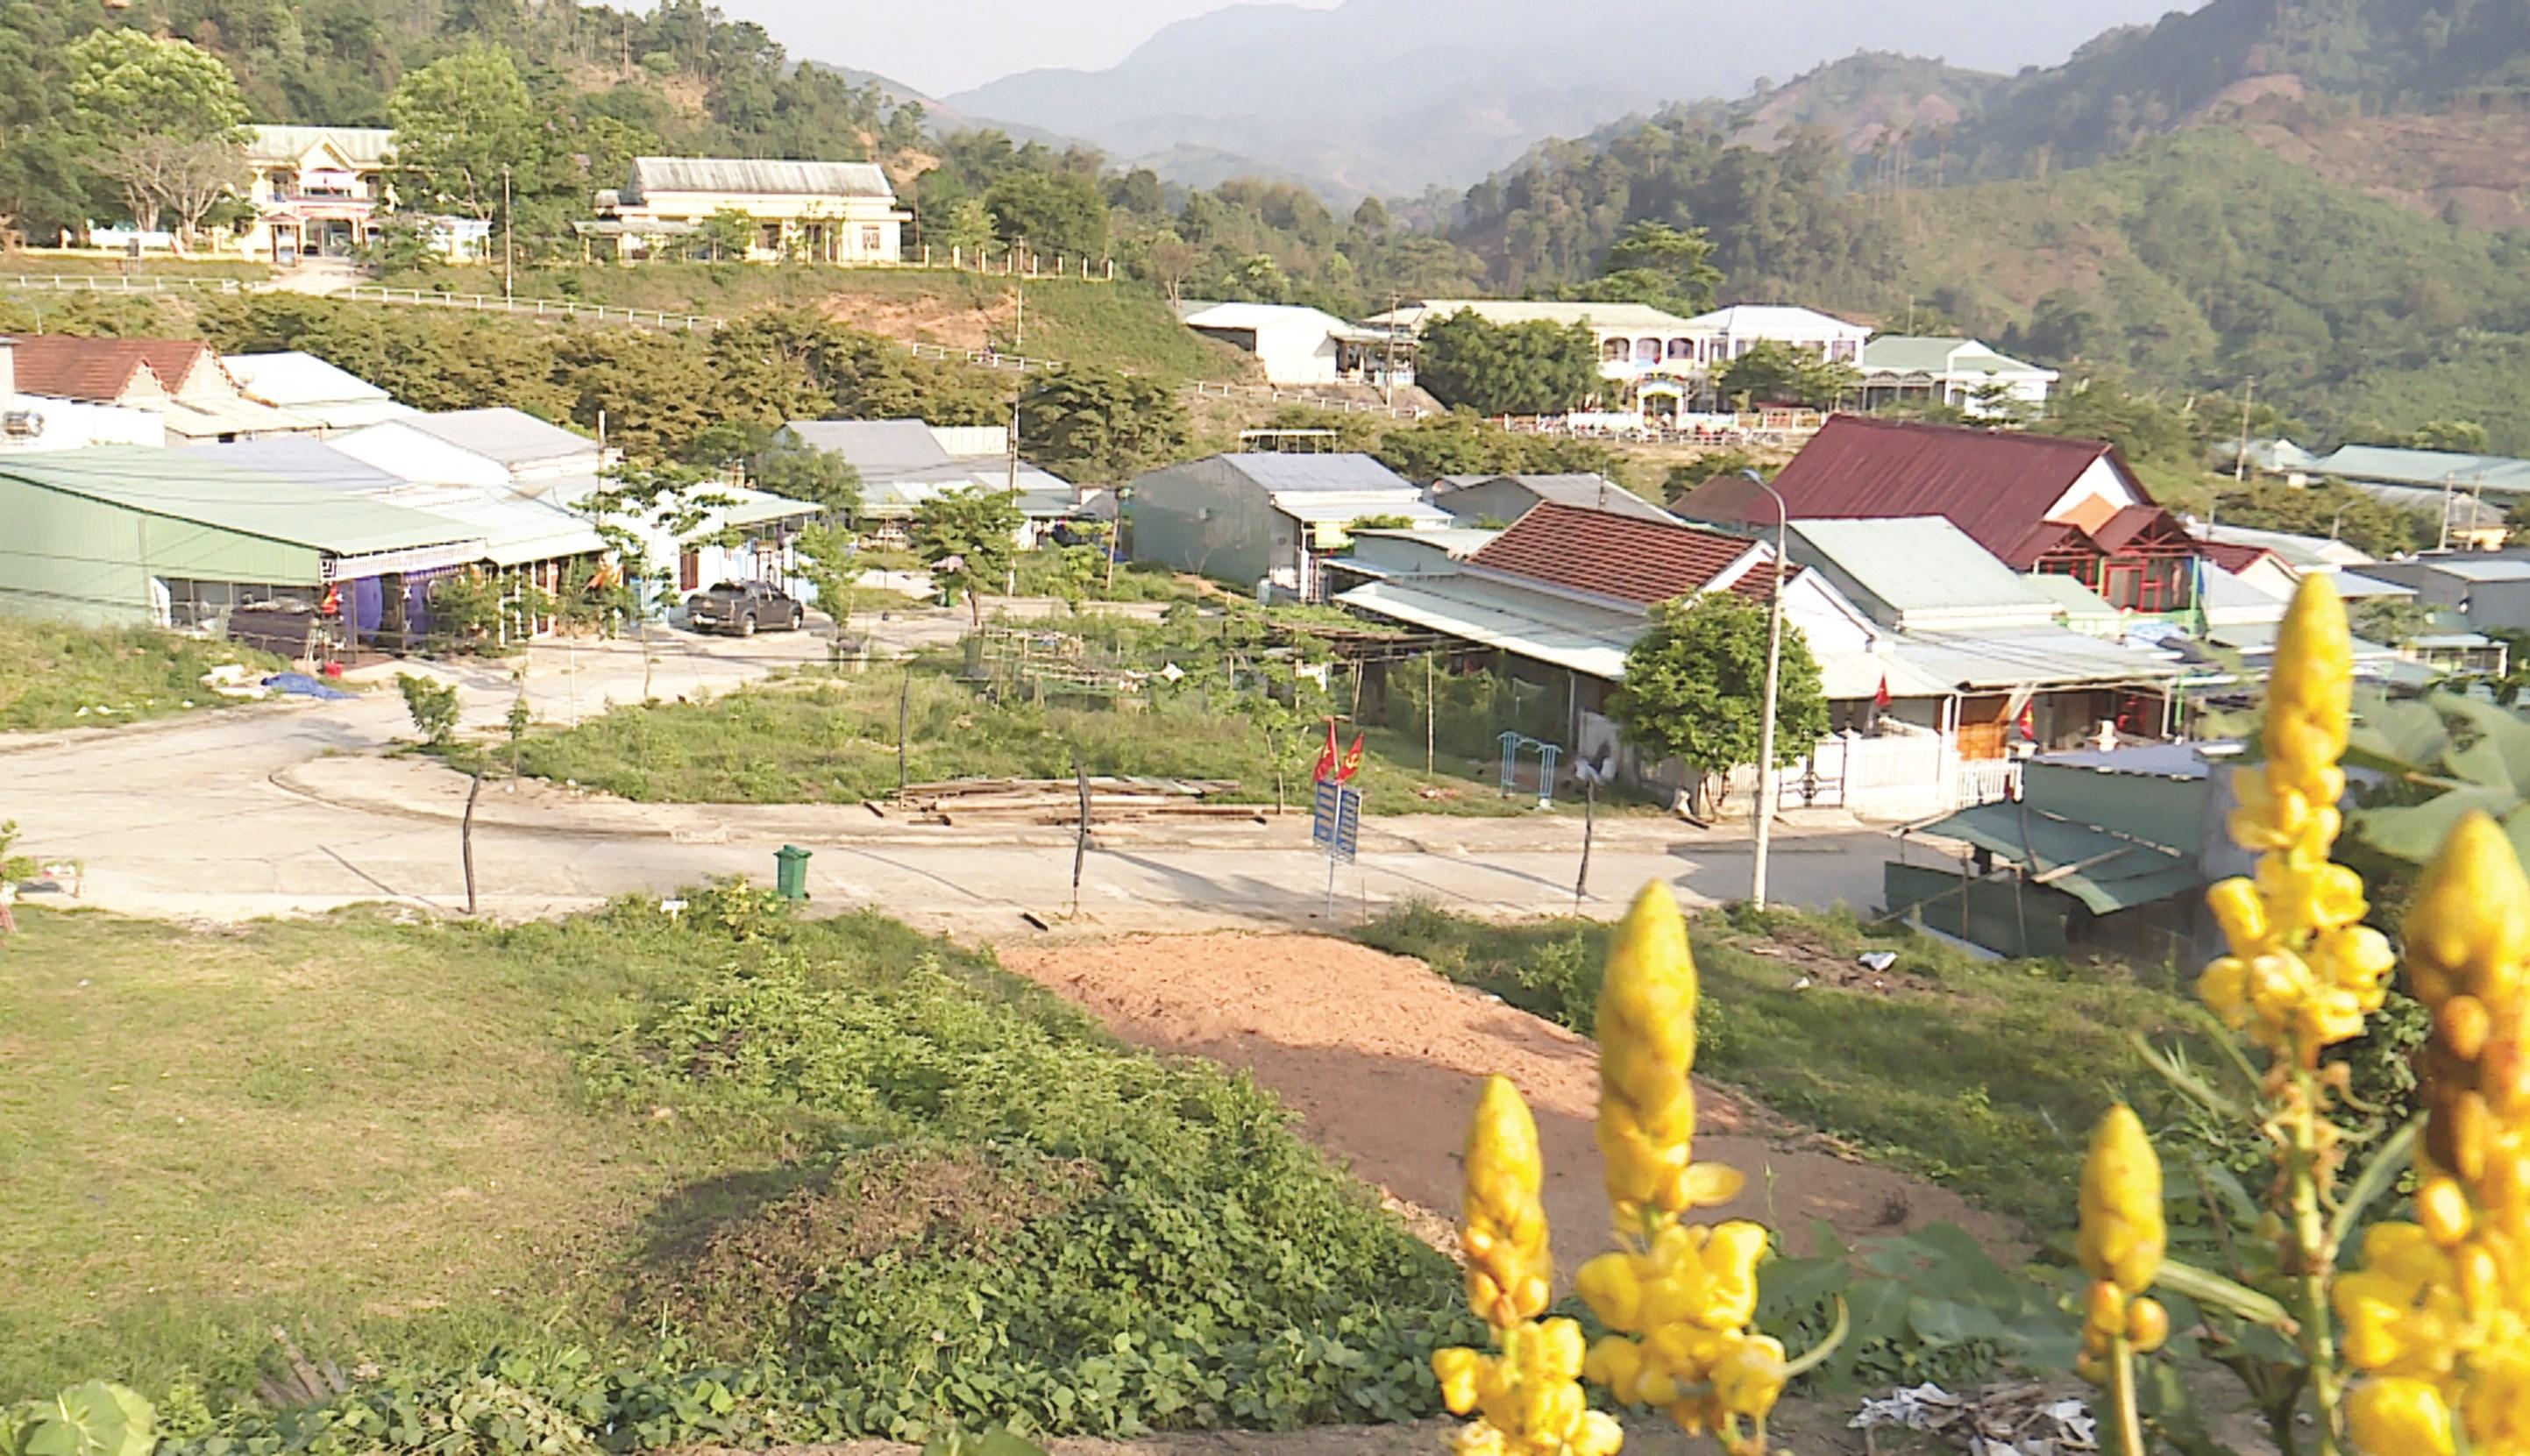 Một góc khu căn cứ Nước Là thuộc huyện Nam Trà My ngày nay.